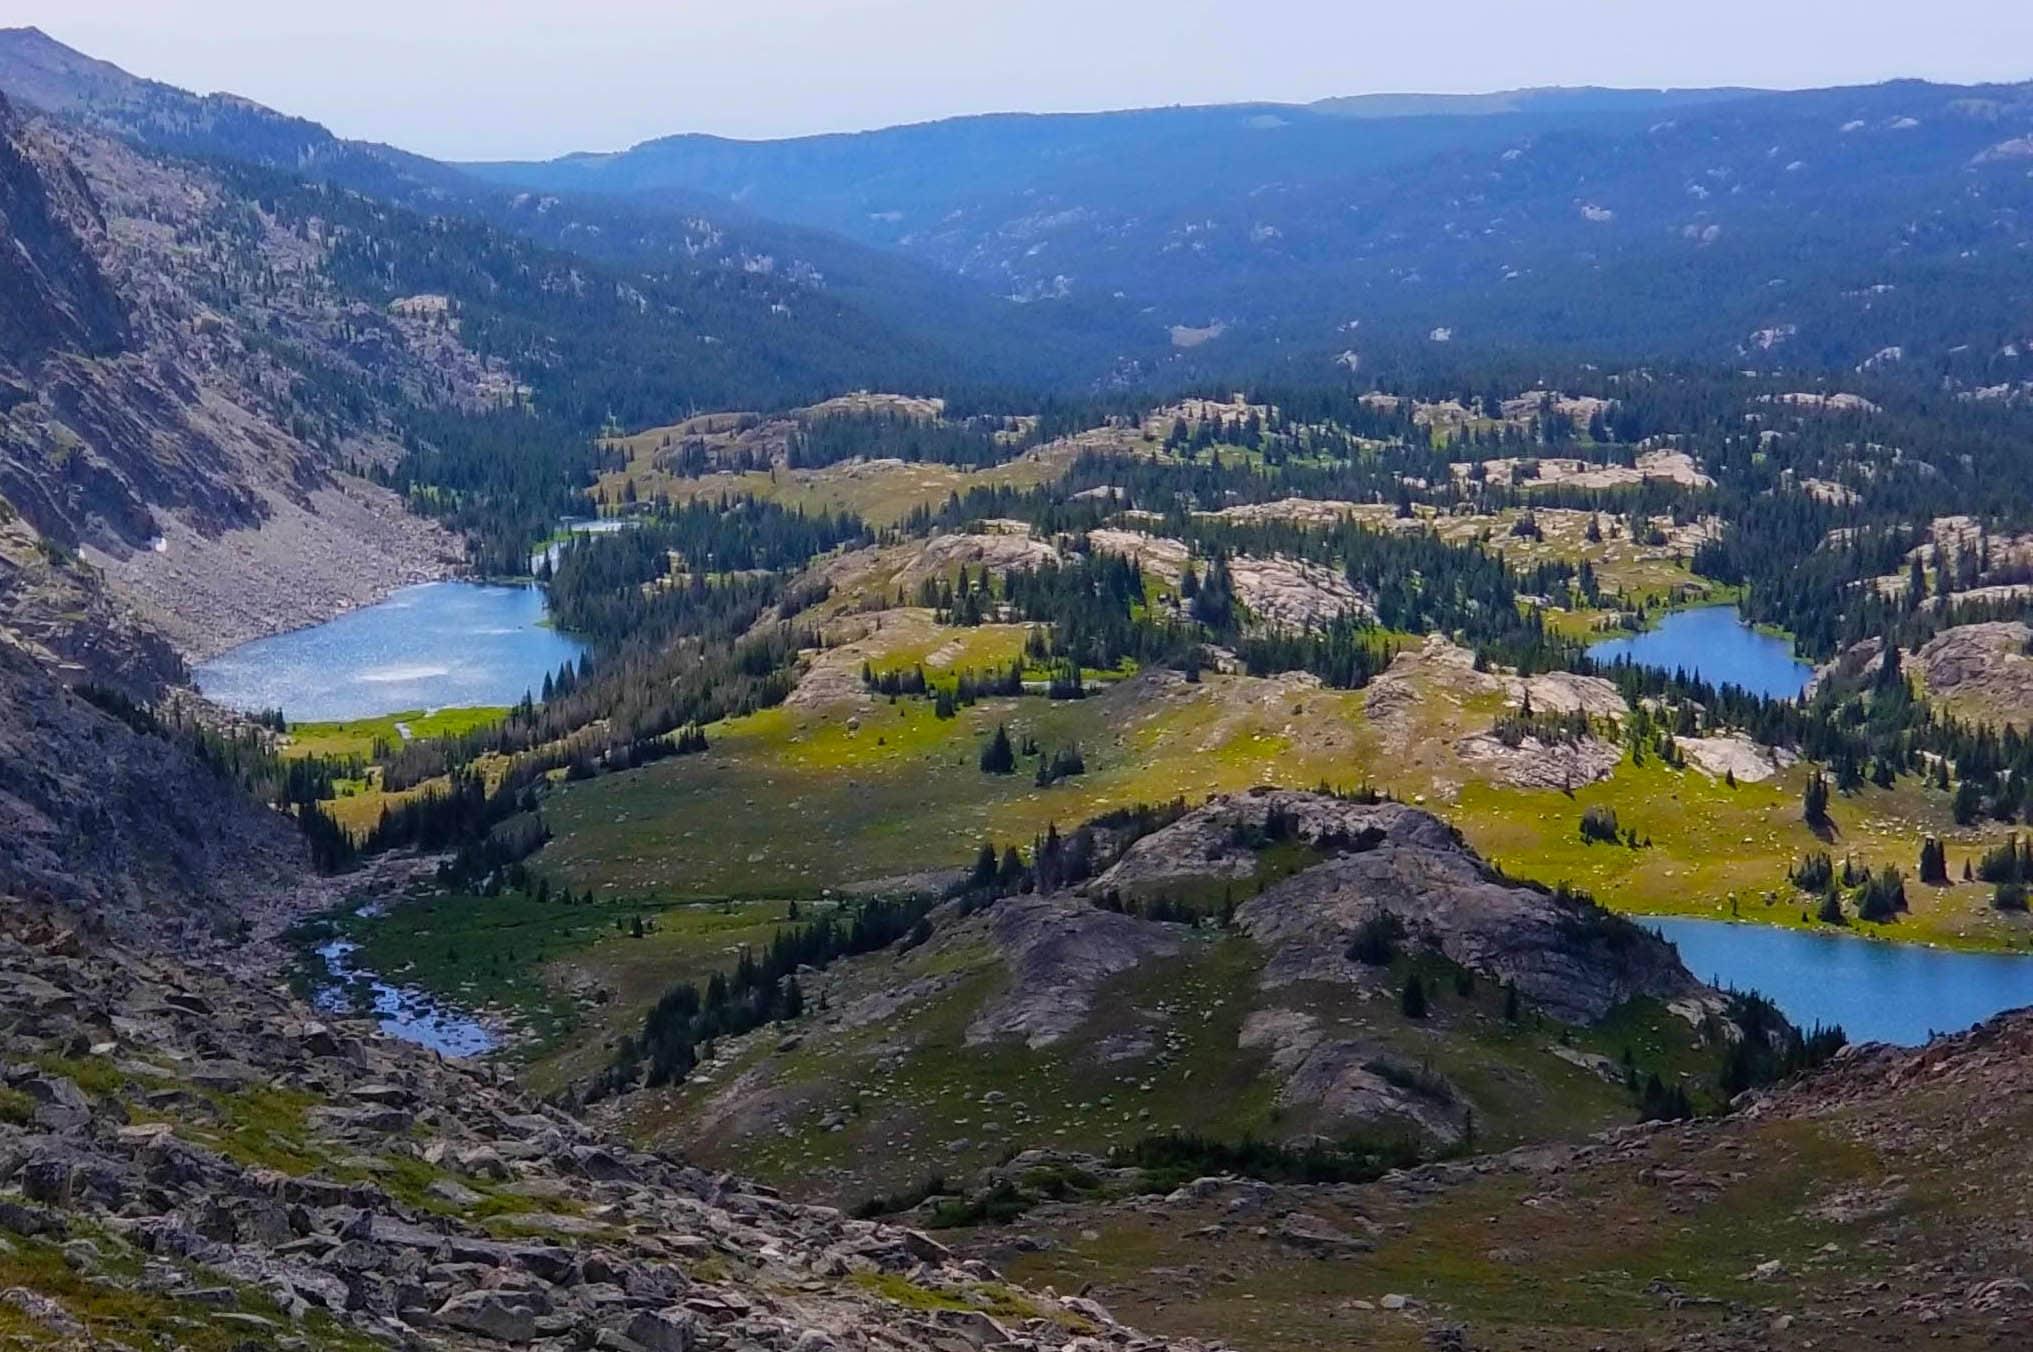 Cliff Lake, Lake Eunice, and Sheepherder Lake, Wyoming Cloud Peak Wilderness